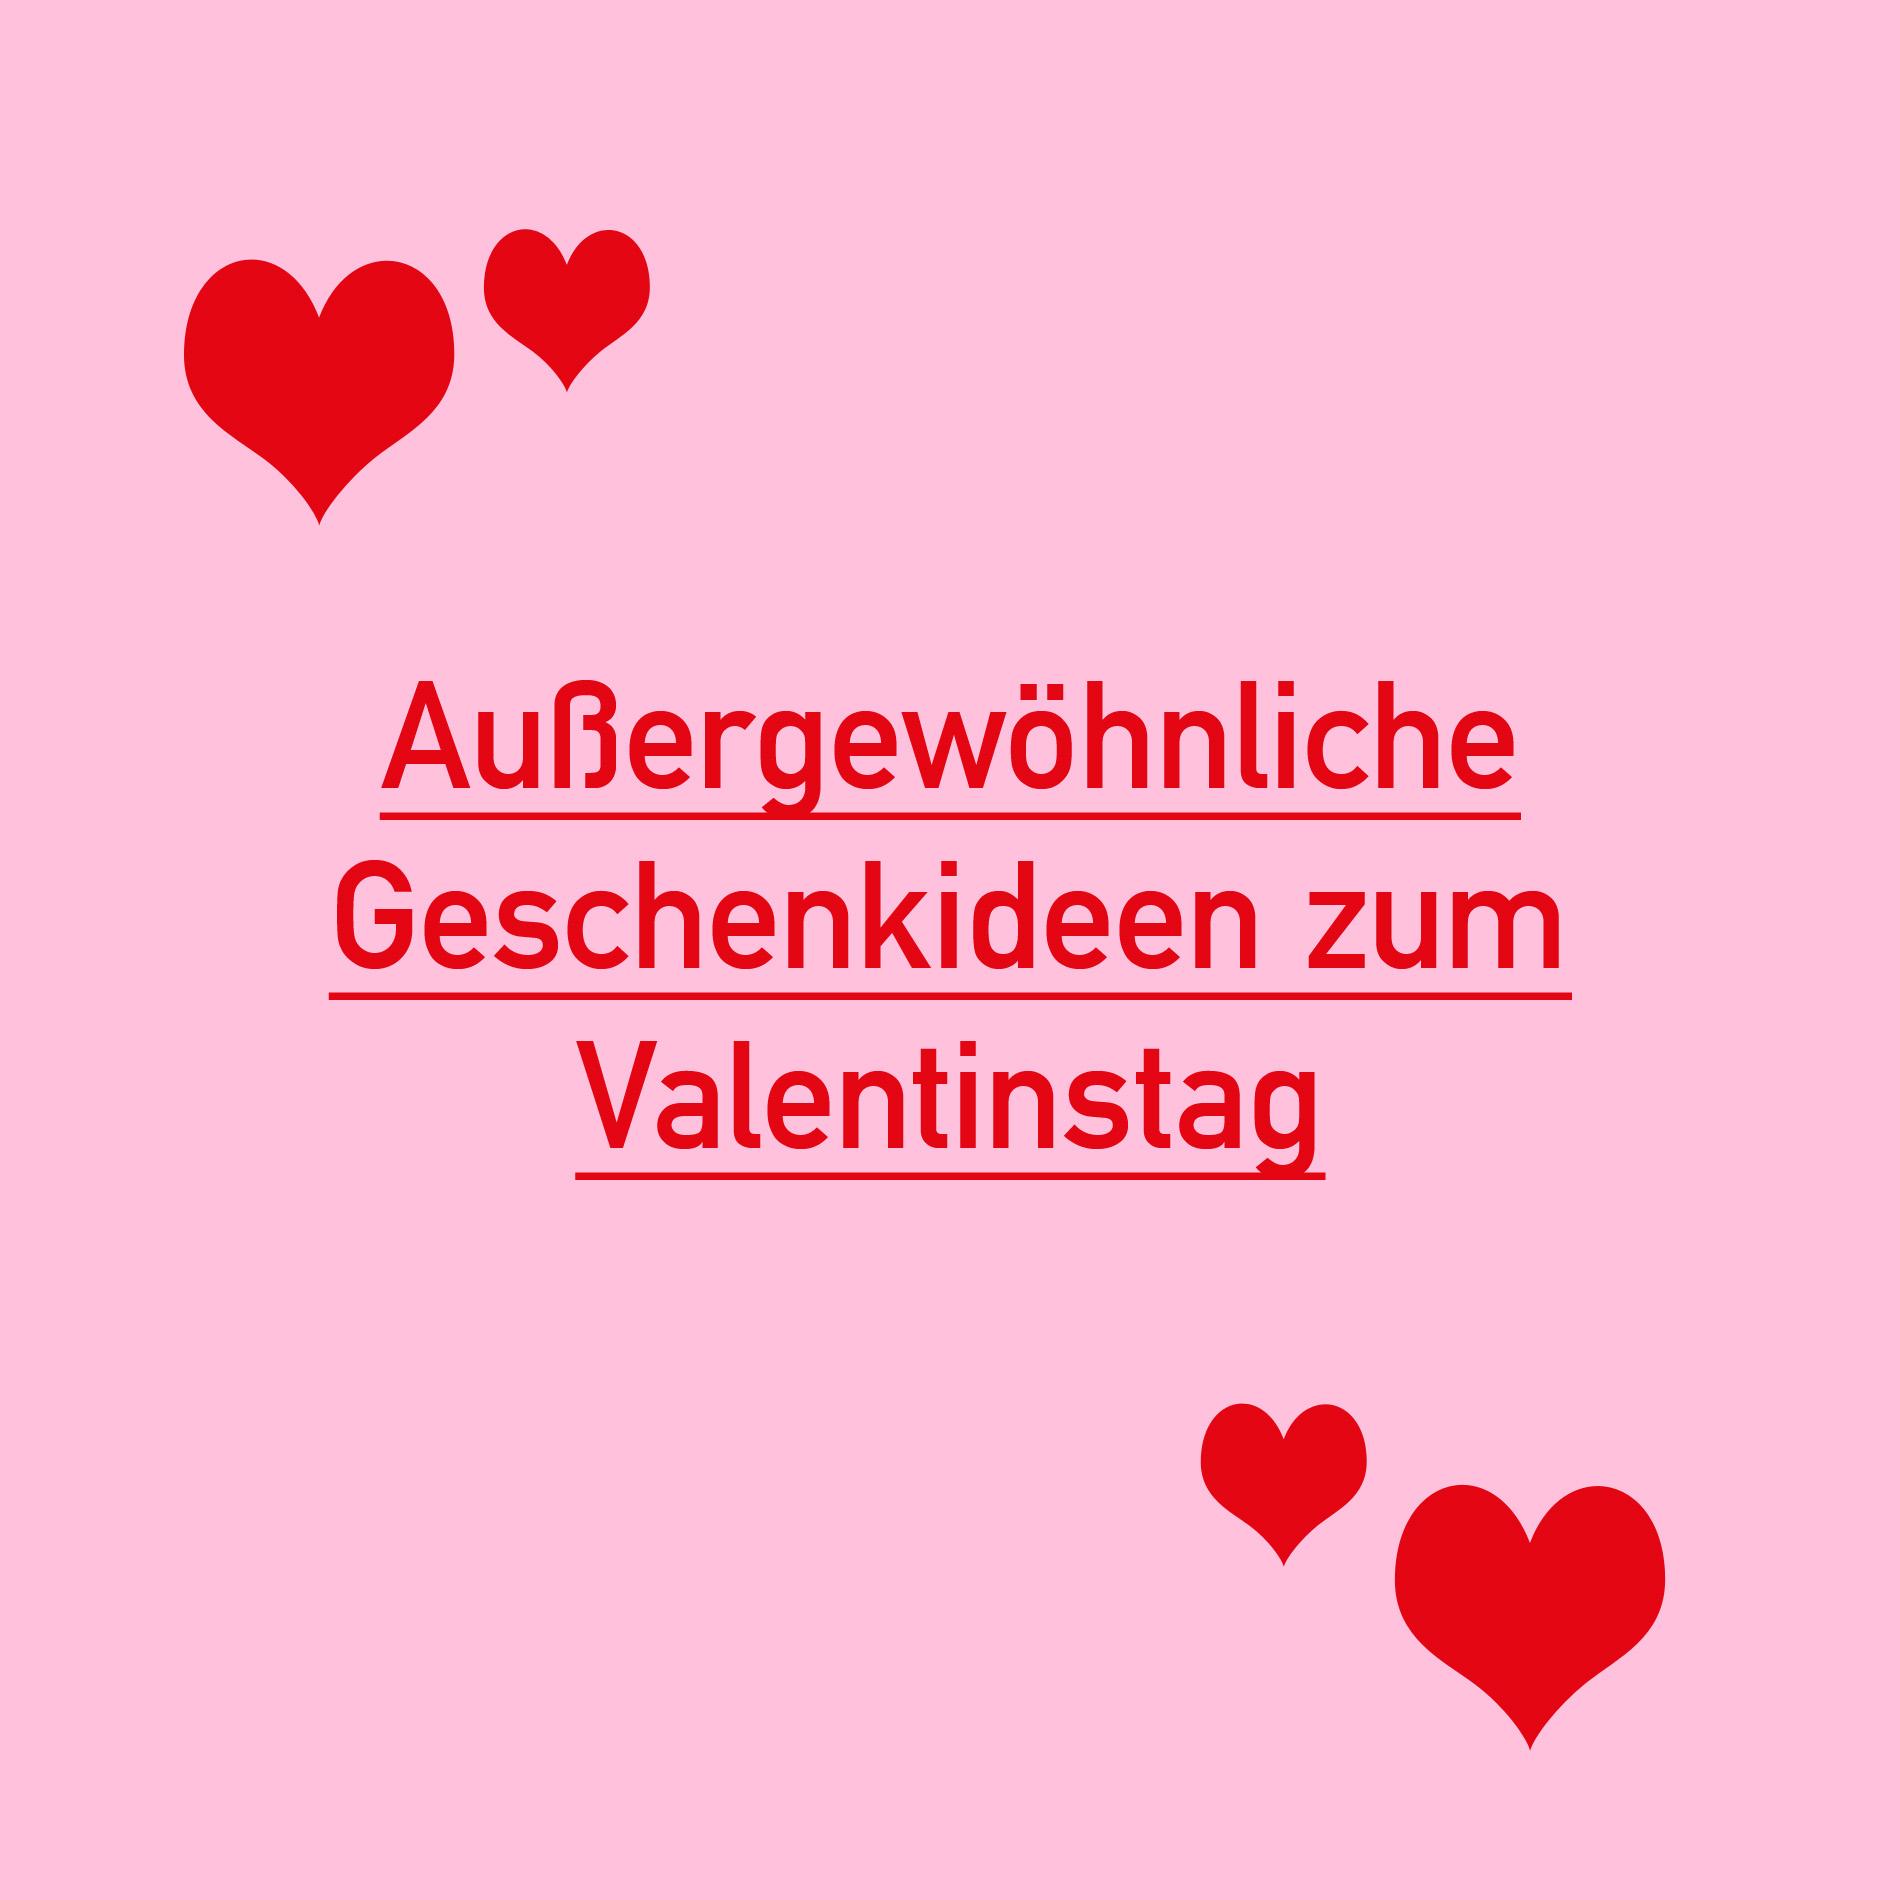 Geschenkideen zum Valentinstag, Geschenkideen für die Liebsten, Valentinstag, ElisaZunder Blogazine, Lifestyle, Geschenke machen, außergewöhnliche Geschenke zum Valentinstag,